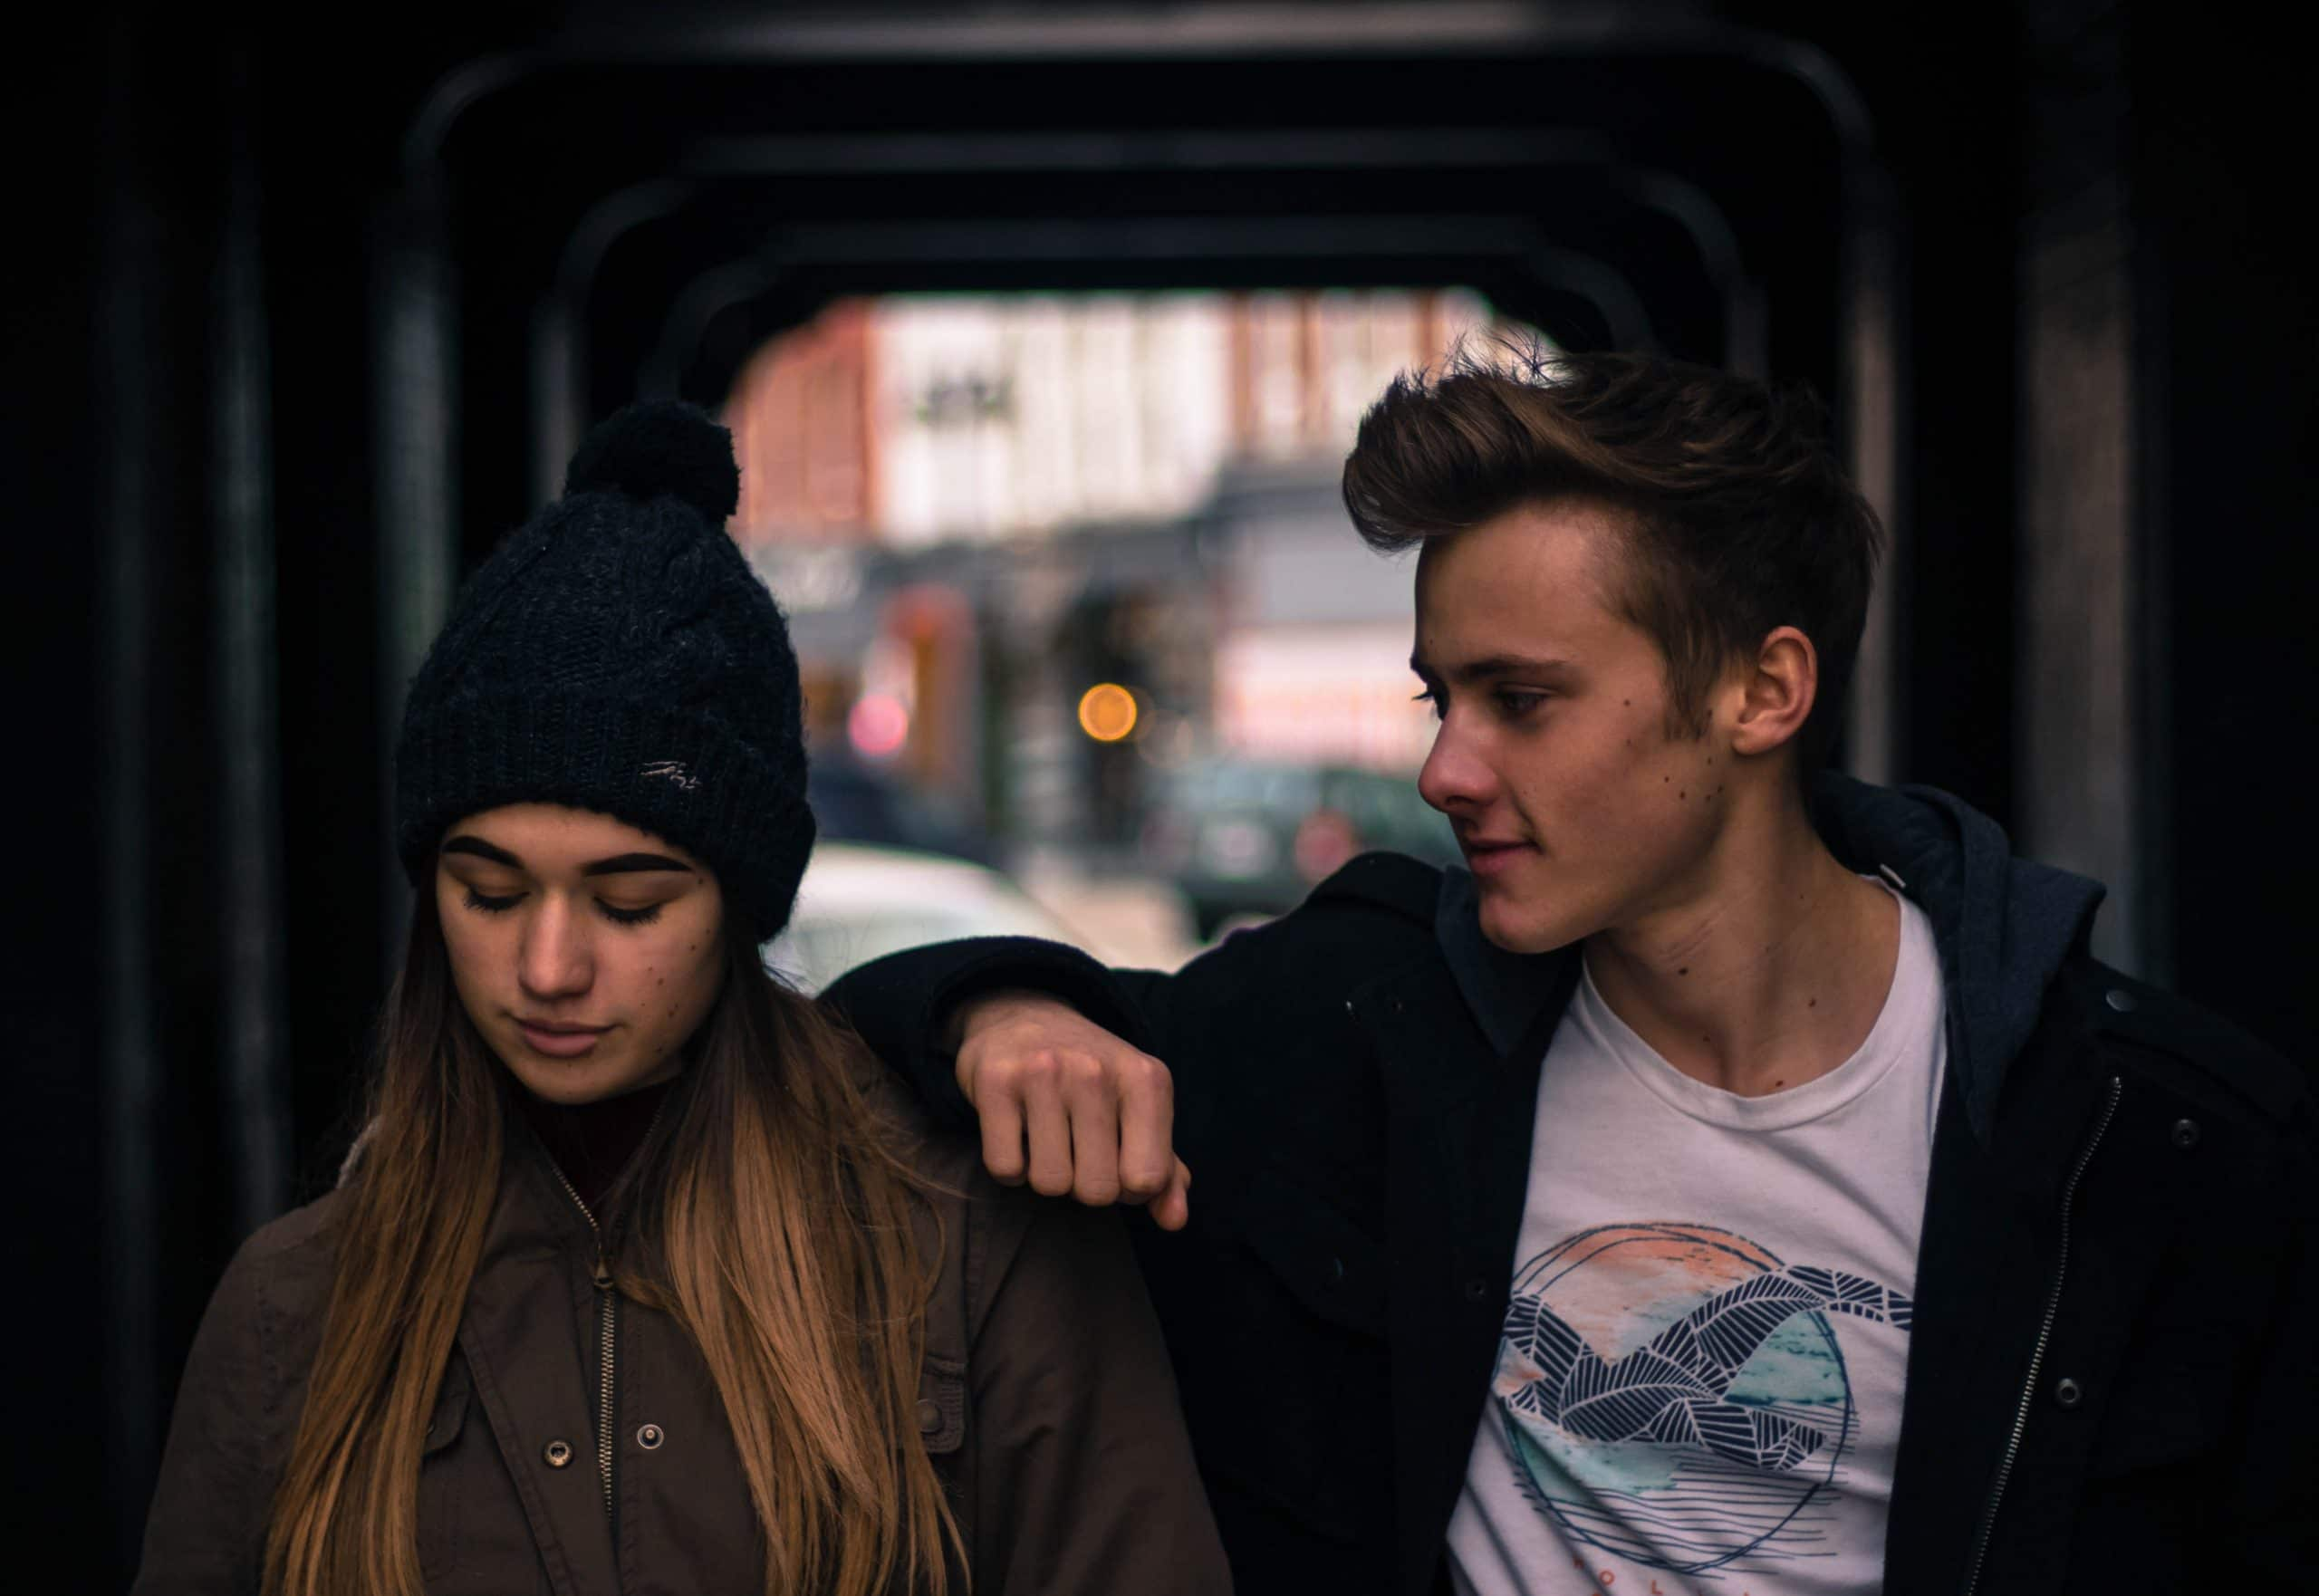 Casal em frente a uma janela. O garoto apoia seu braço no ombro da garota e a observa. A garota olha para baixo.